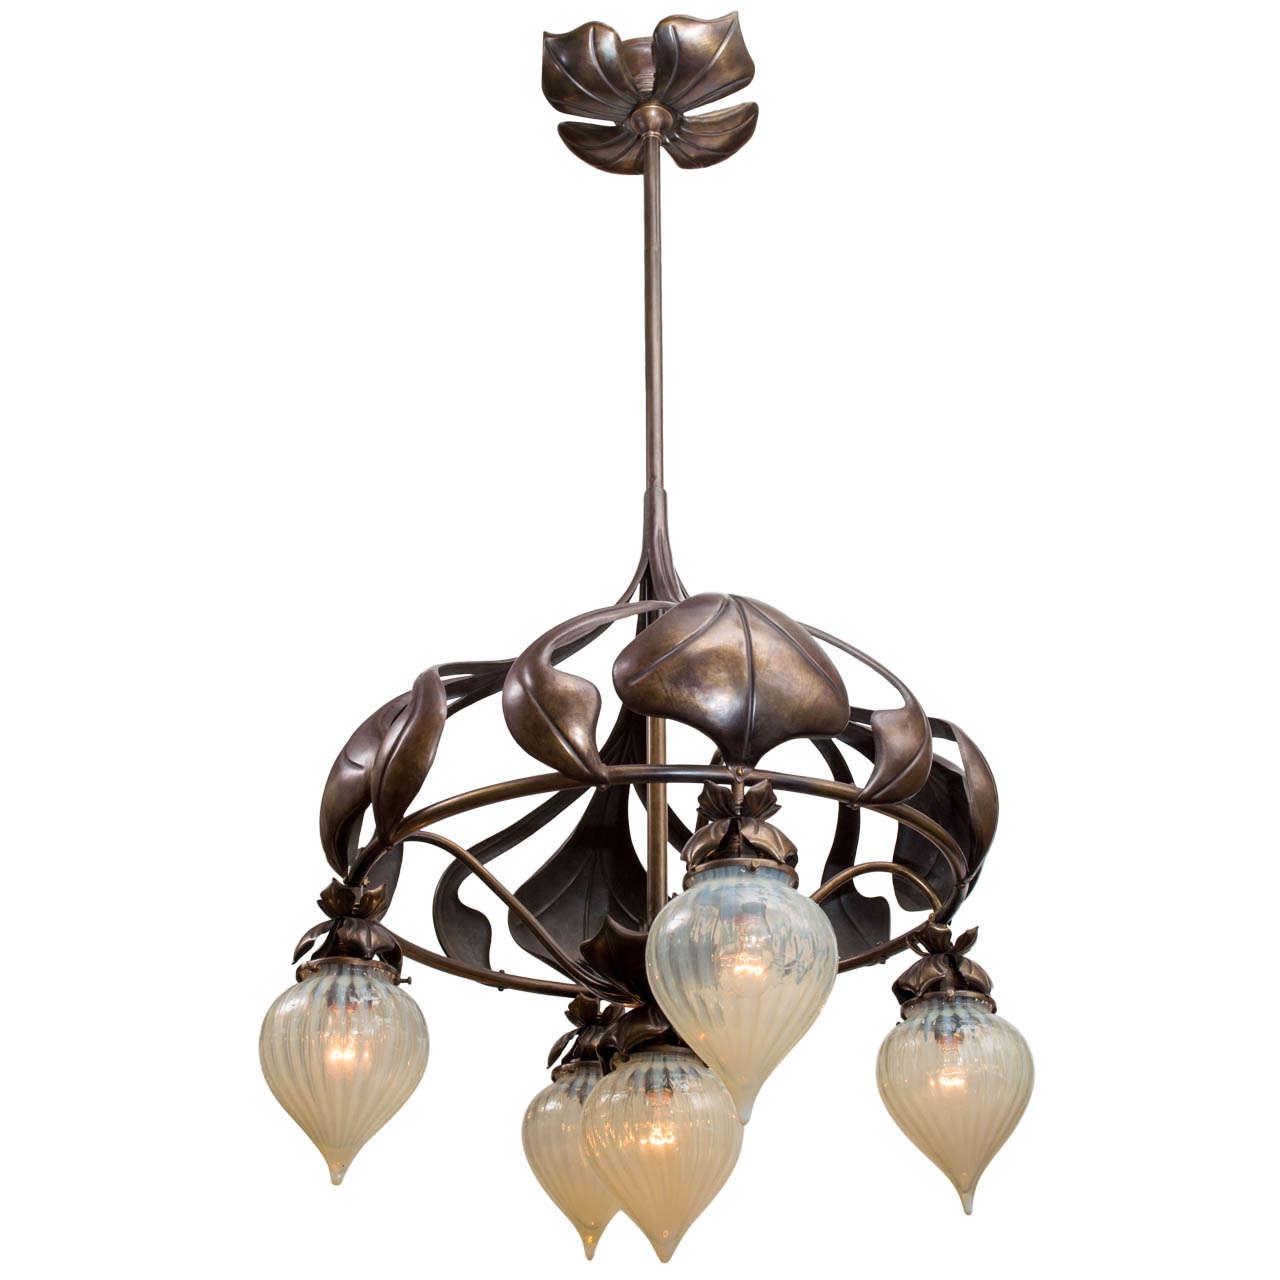 Art Nouveau Chandelier with Five Opalescent Tear Drop Shades at ...:Art Nouveau Chandelier with Five Opalescent Tear Drop Shades 1,Lighting